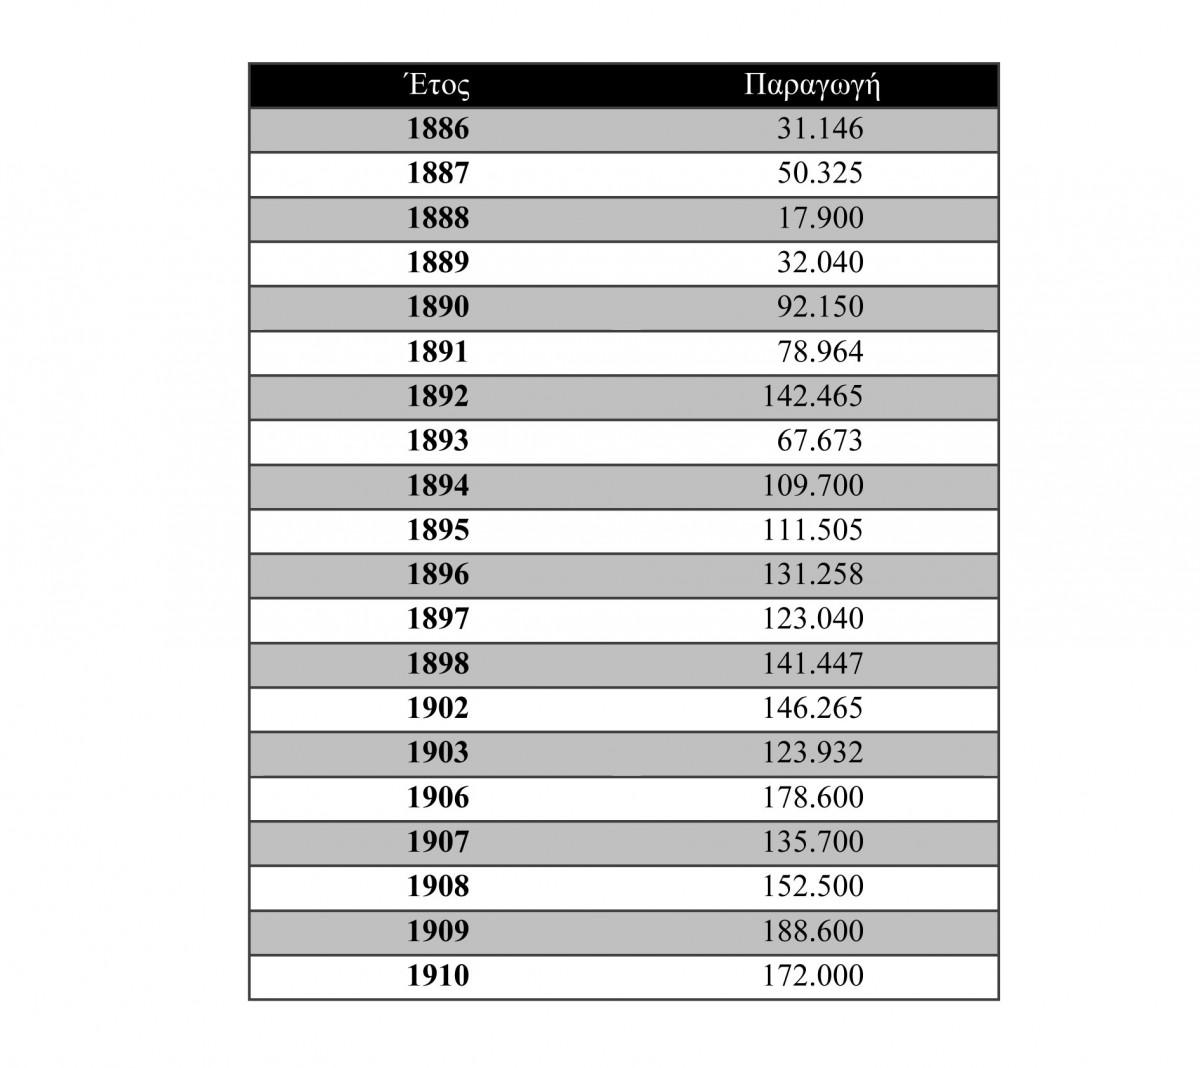 Πίν. 2. Πωλήσεις σιδηρομεταλλεύματος Σερίφου της γαλλικής εταιρείας «Σέριφος-Σπηλιαζέζα», 1886-1910 (τόνοι).